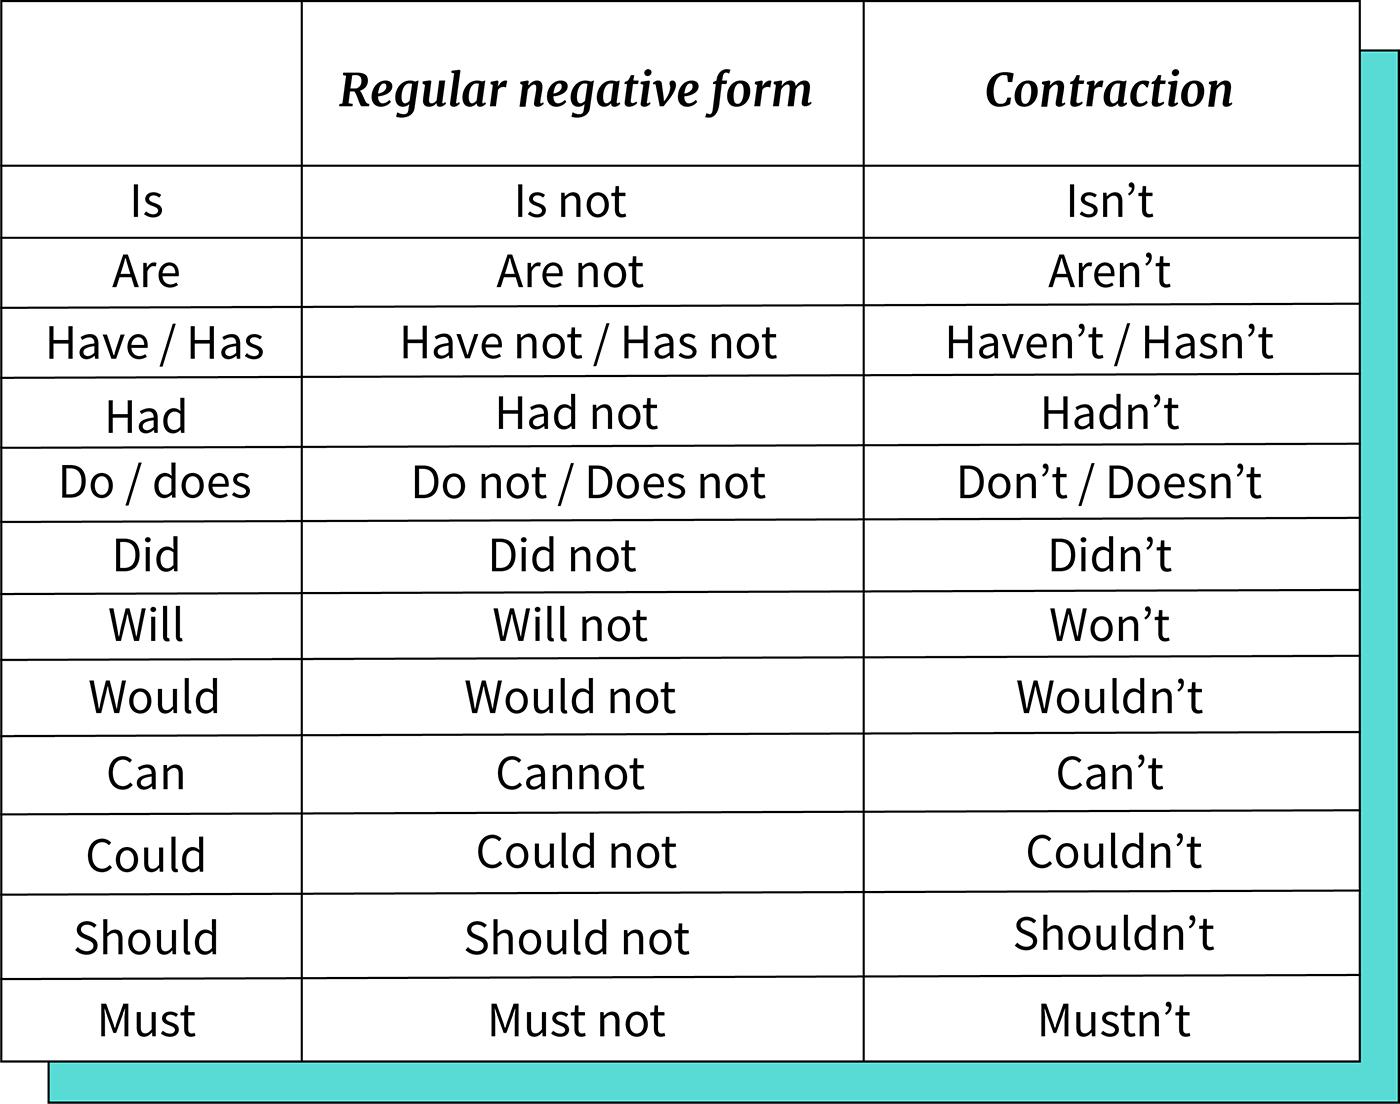 Tabela de contrações da estrutura negativa do verbo  To Be, Have, Has, Had, Do, Does y Does.